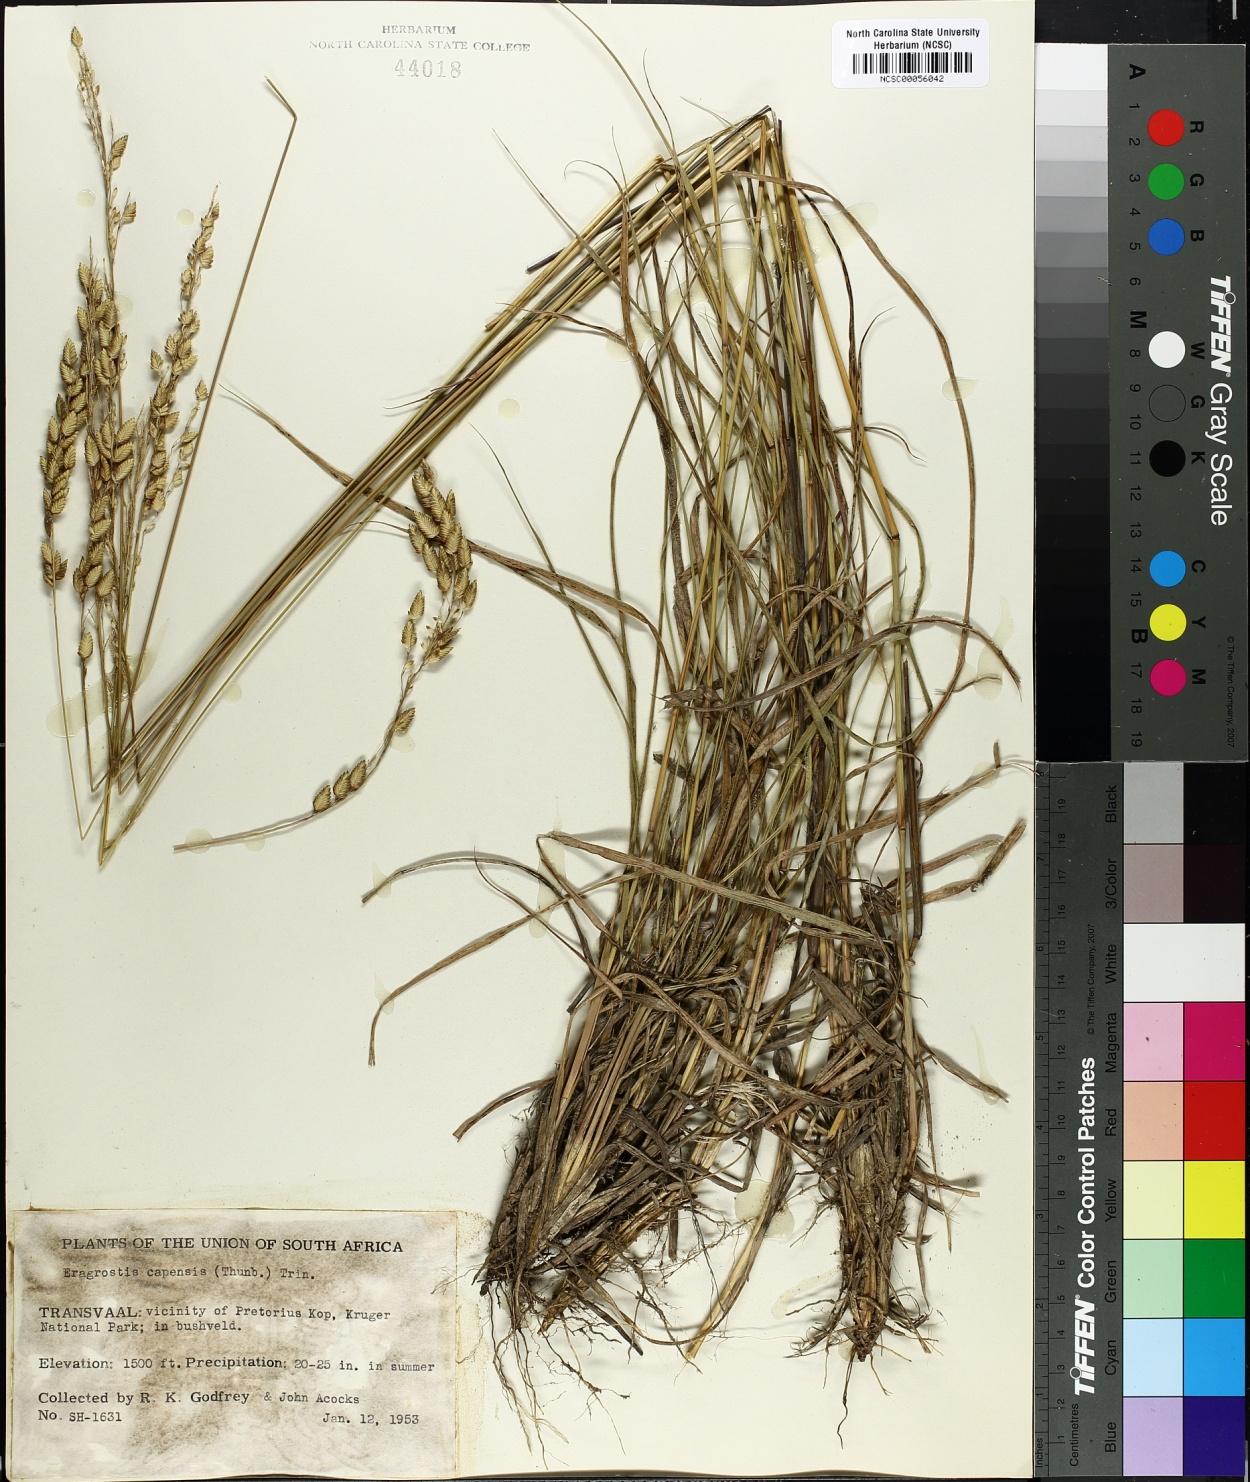 Eragrostis capensis image